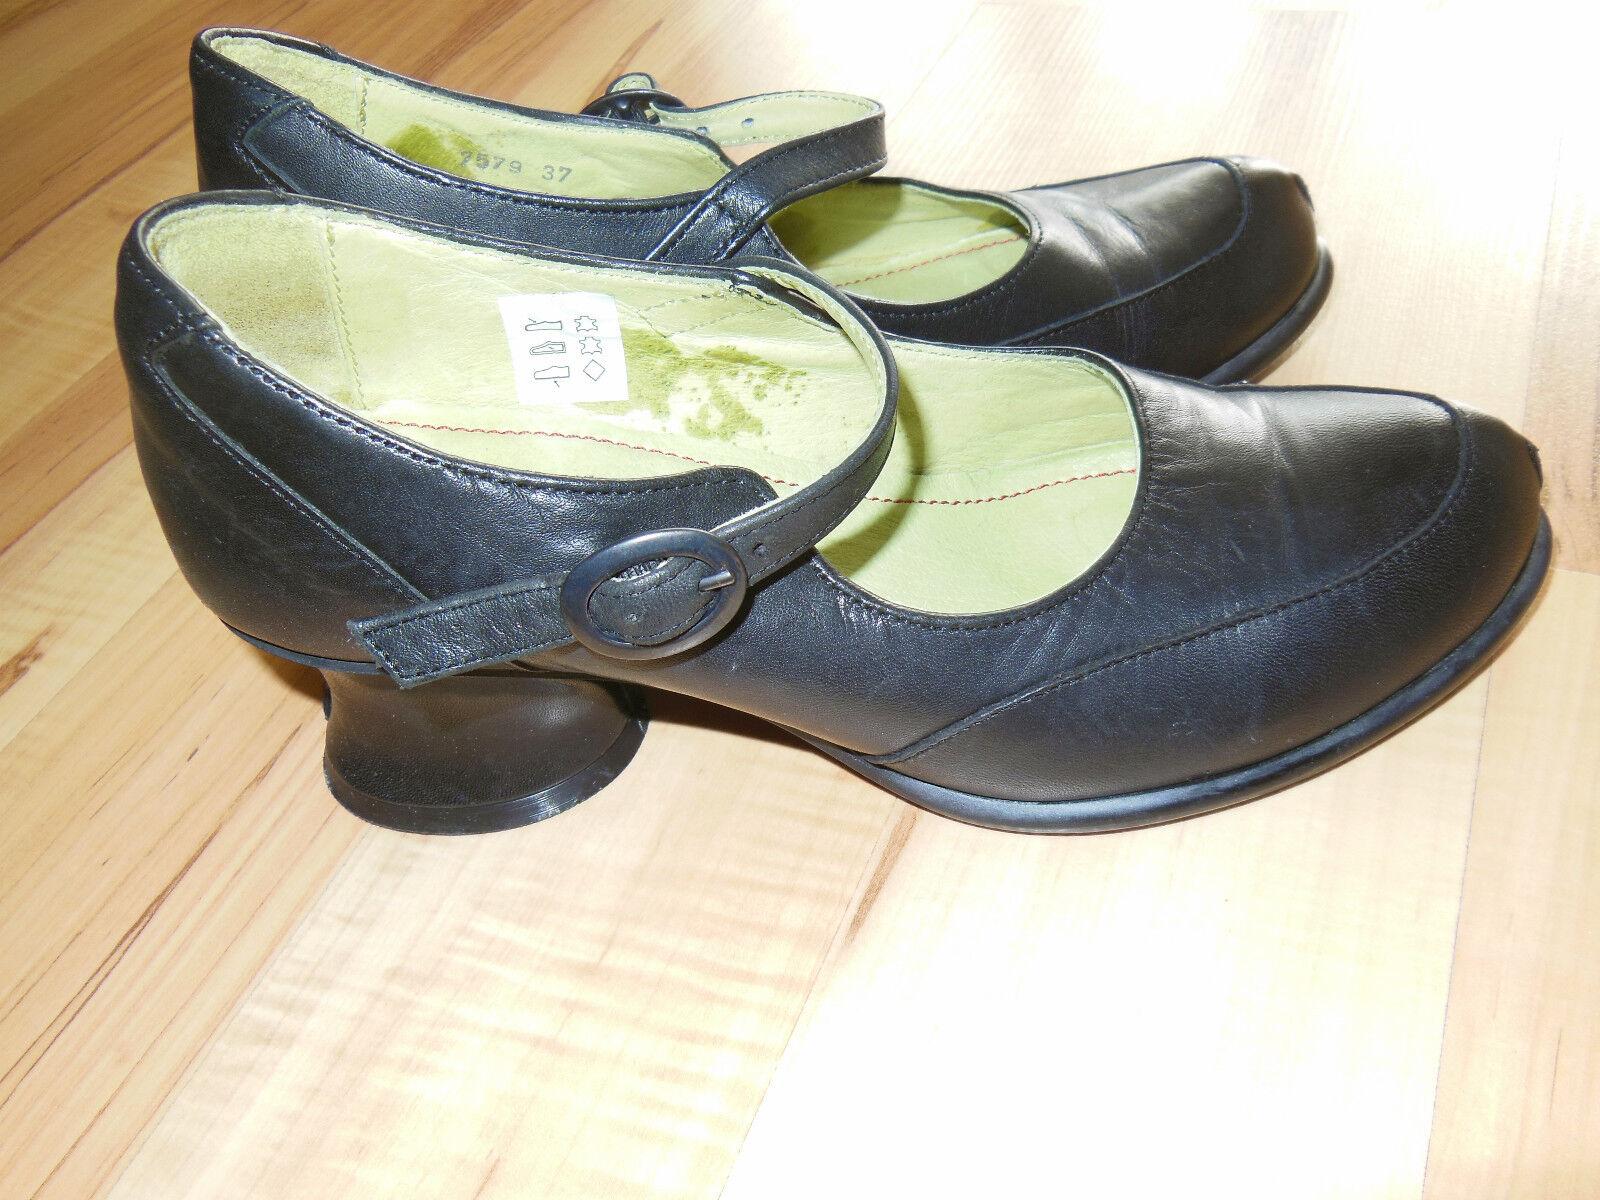 davos gomma Schuhe, Gr. 37, schwarz